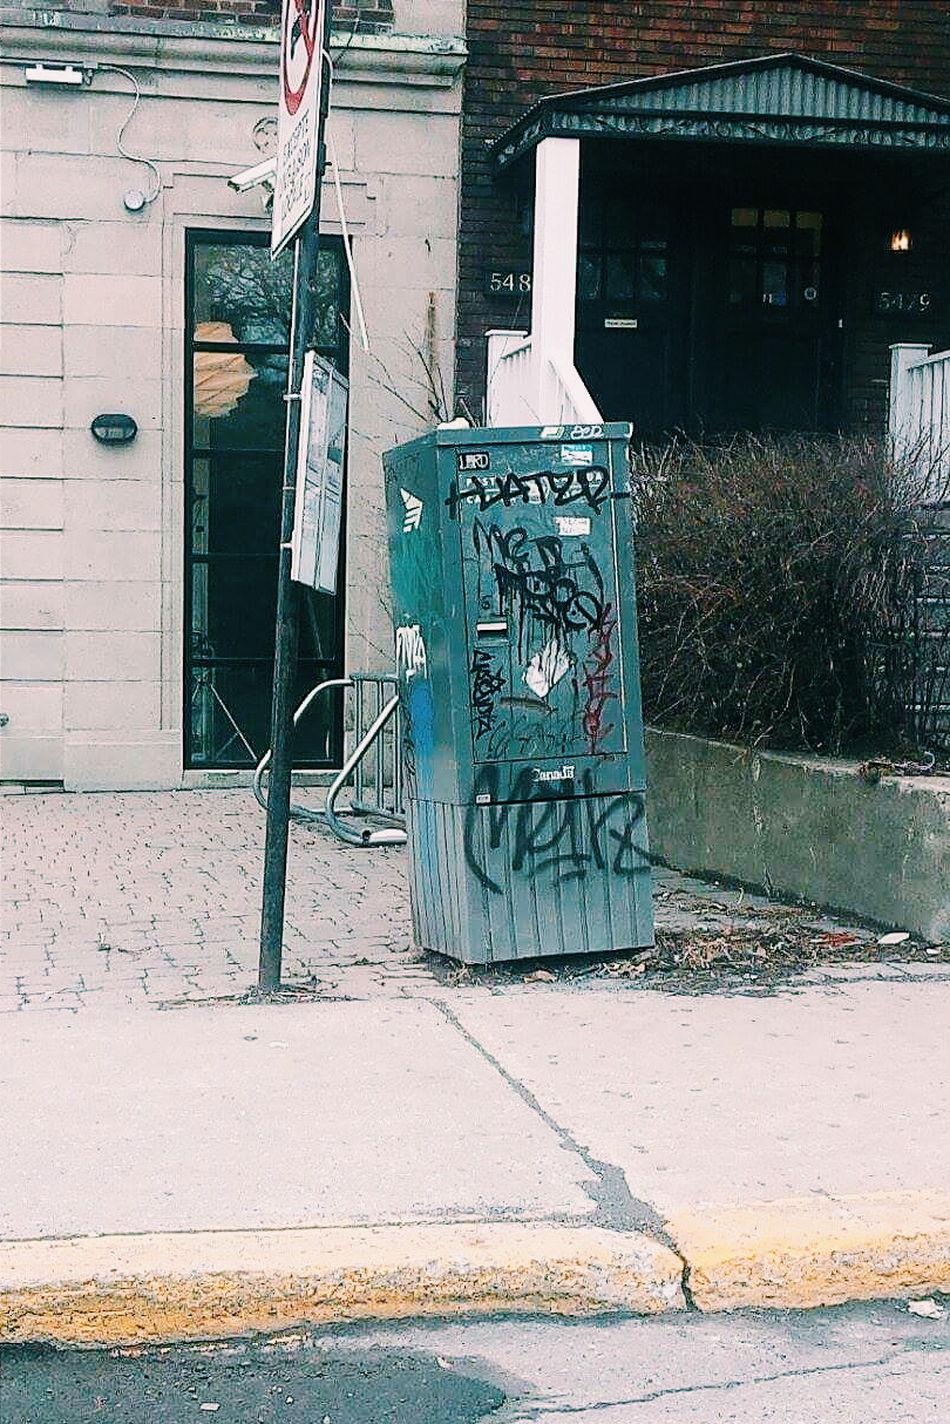 Check This Out Graffiti Graffiti & Streetart Graffiti On The Mailbox Urbanphotography Urban Lifestyle Urban Life Urbanstyle Urban Spring Fever Mailbox Mailbox Of The City 📮 Graffitilover Montréal